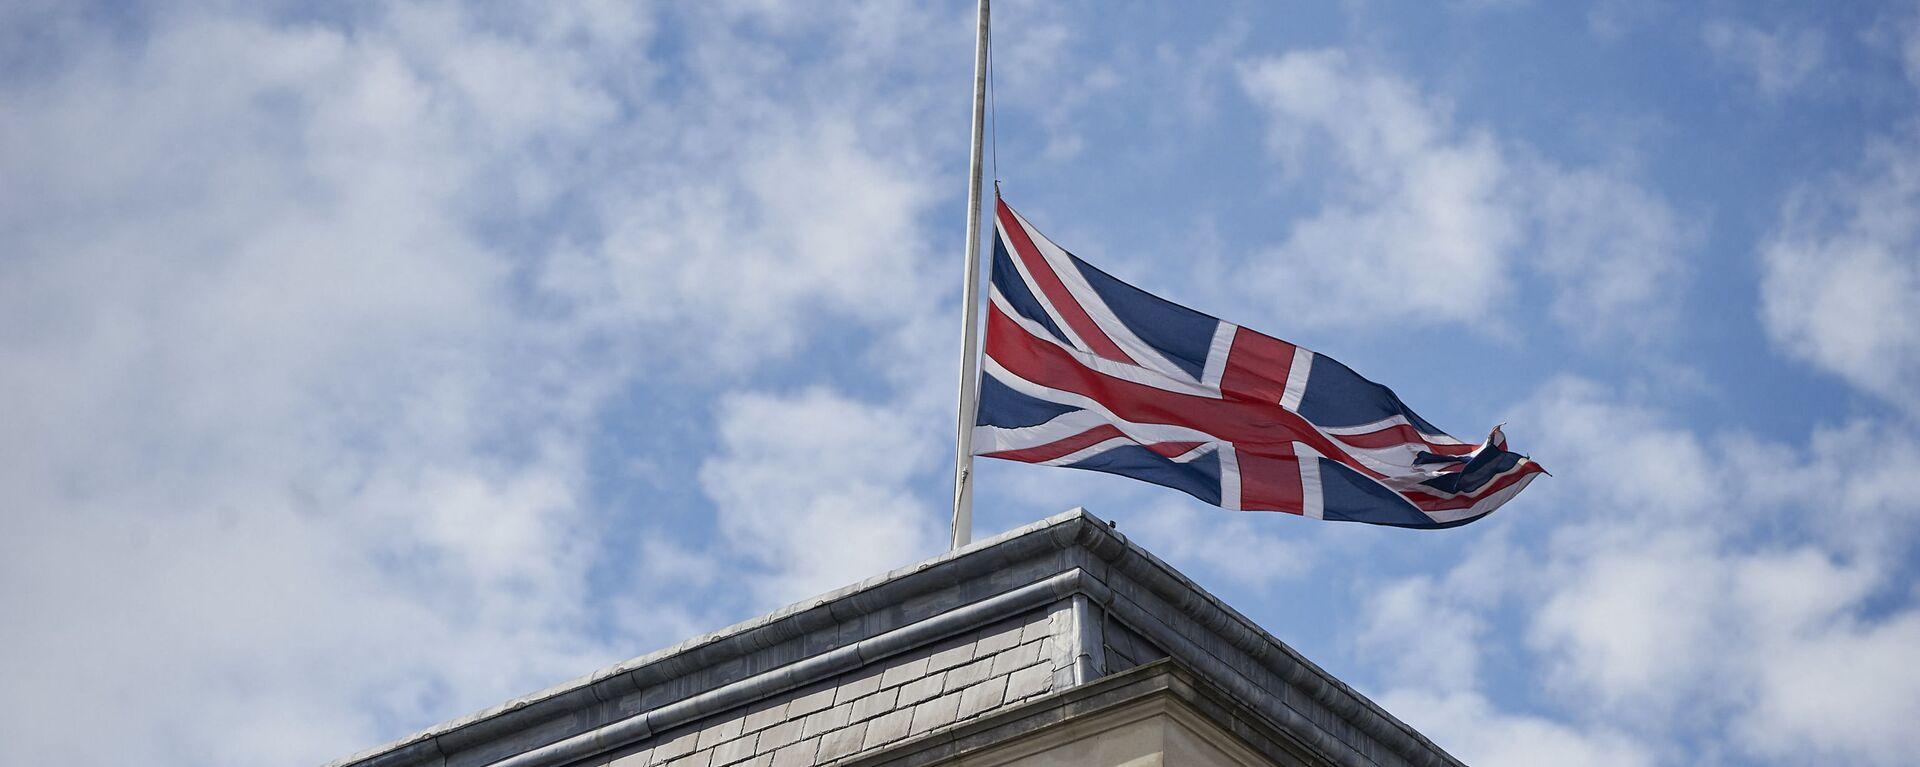 Quốc kỳ Anh trên tòa nhà Bộ Ngoại giao Anh ở London. - Sputnik Việt Nam, 1920, 16.04.2021